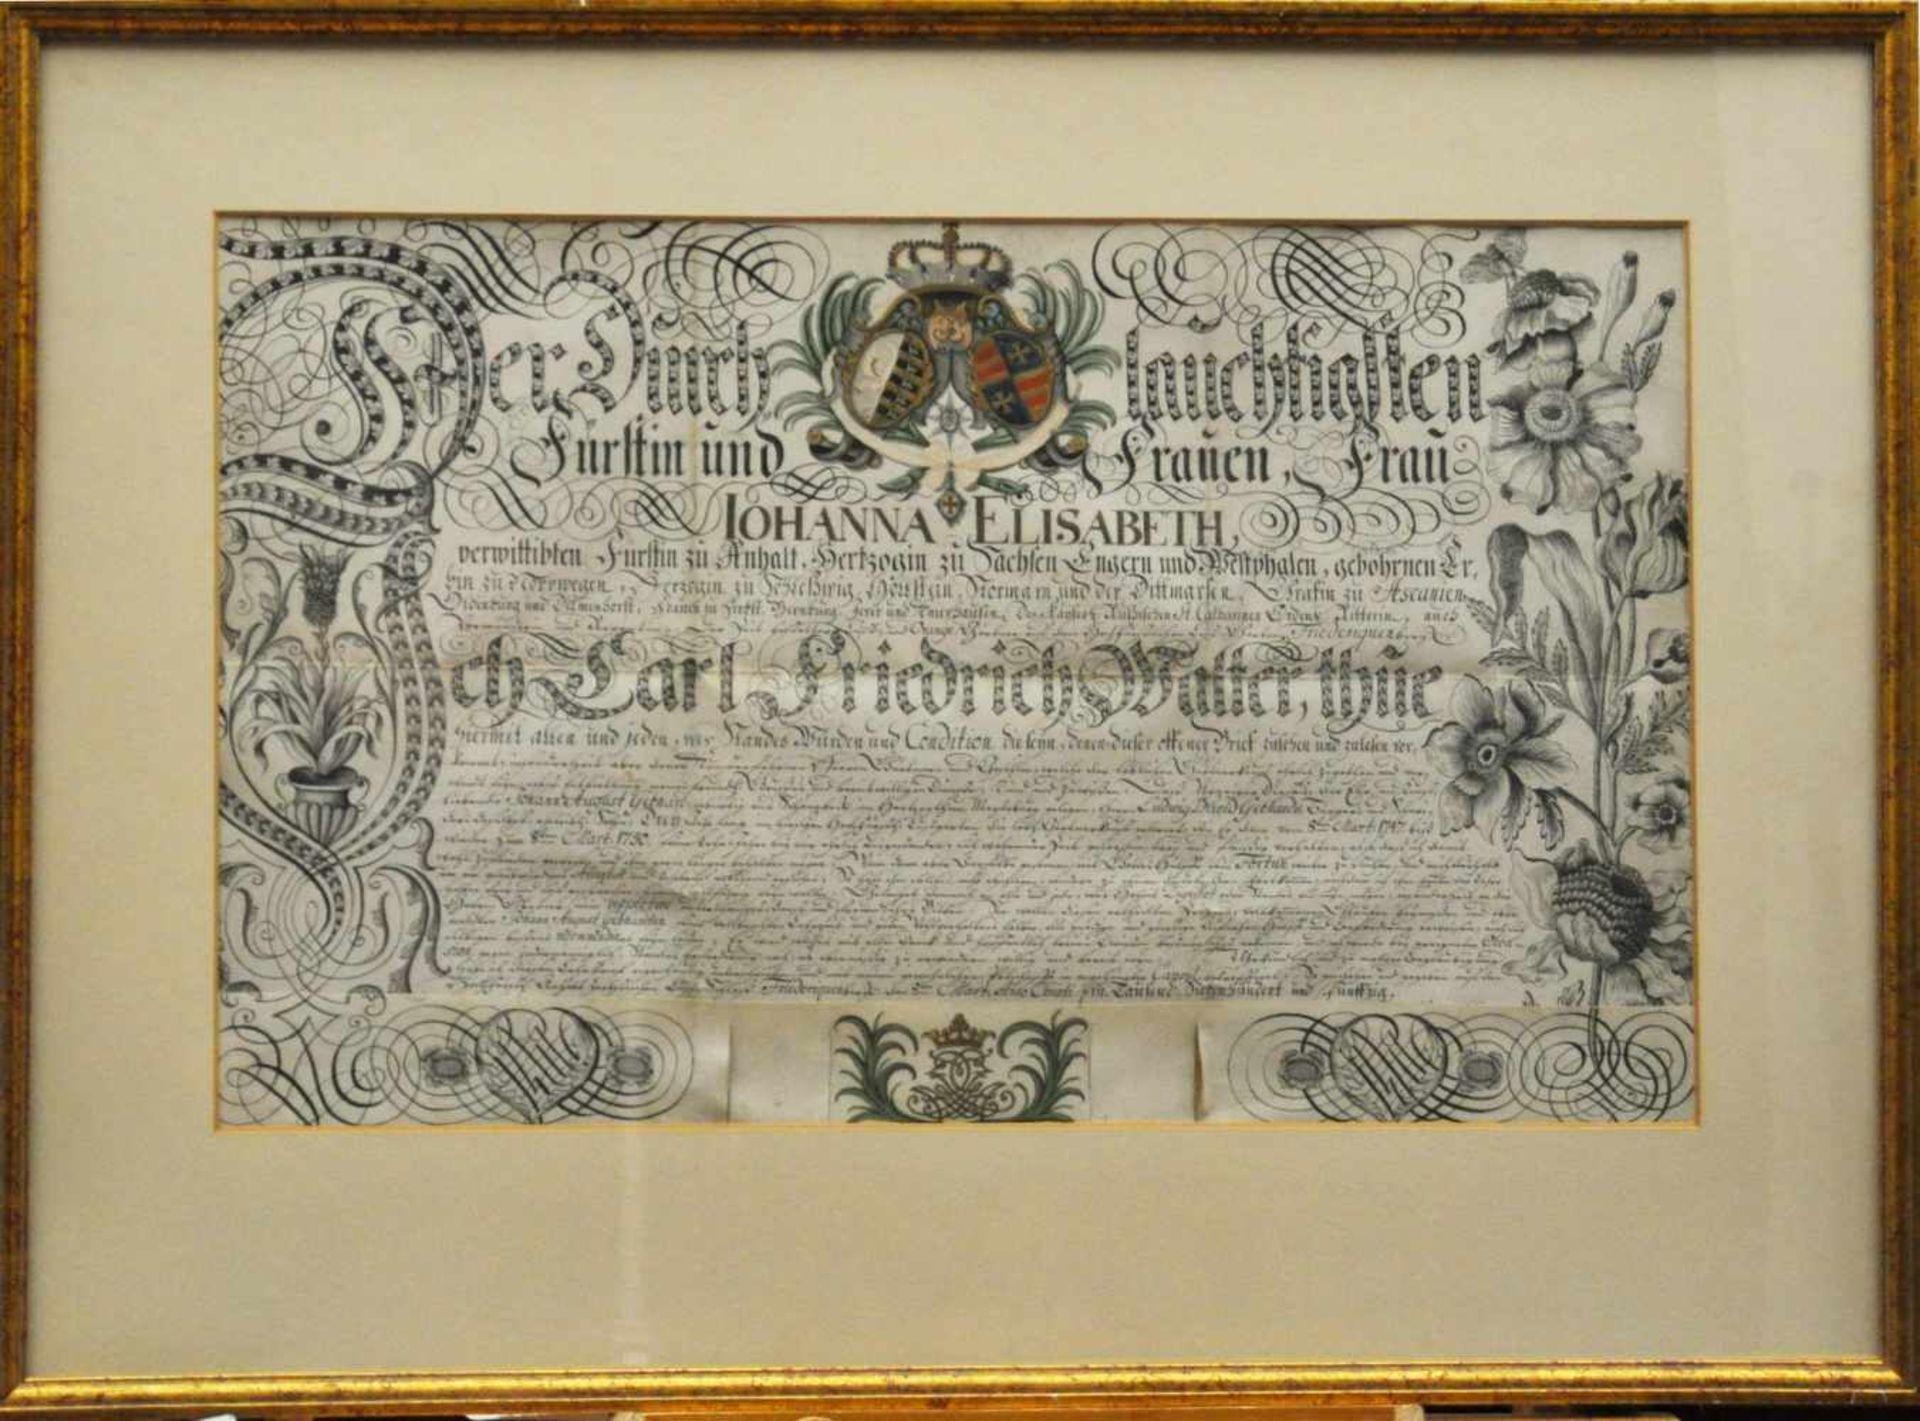 Adelsbrief von 1750,Ernennungsurkunde von Fürstin zu Anhalt für Herrn Ludwig David Gebhards,